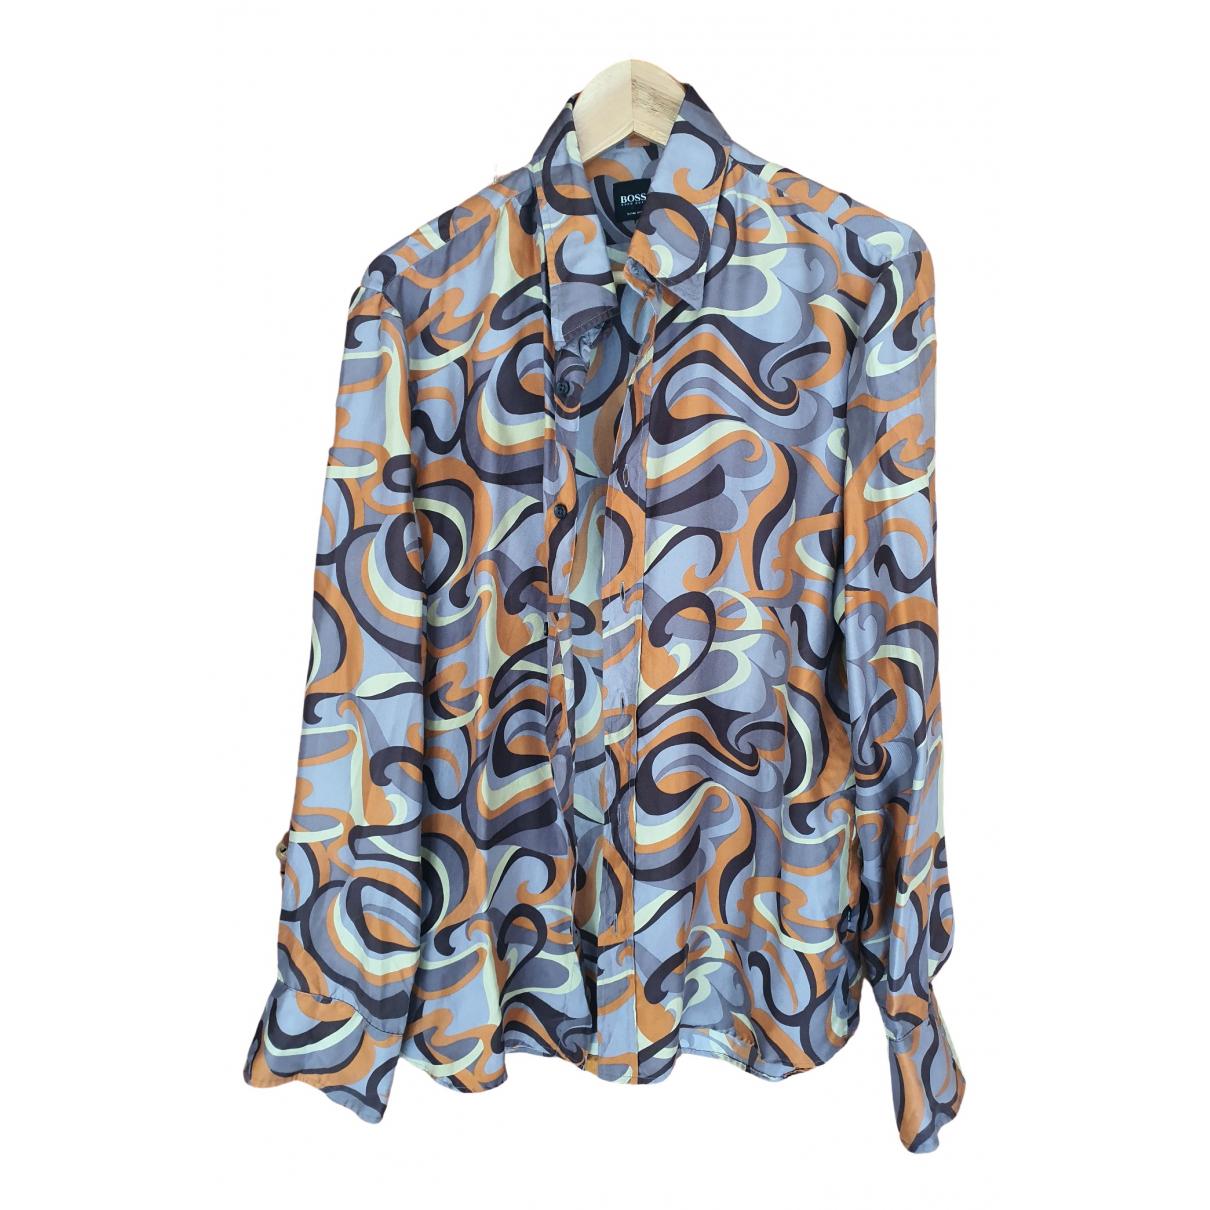 Camisas de Seda Boss